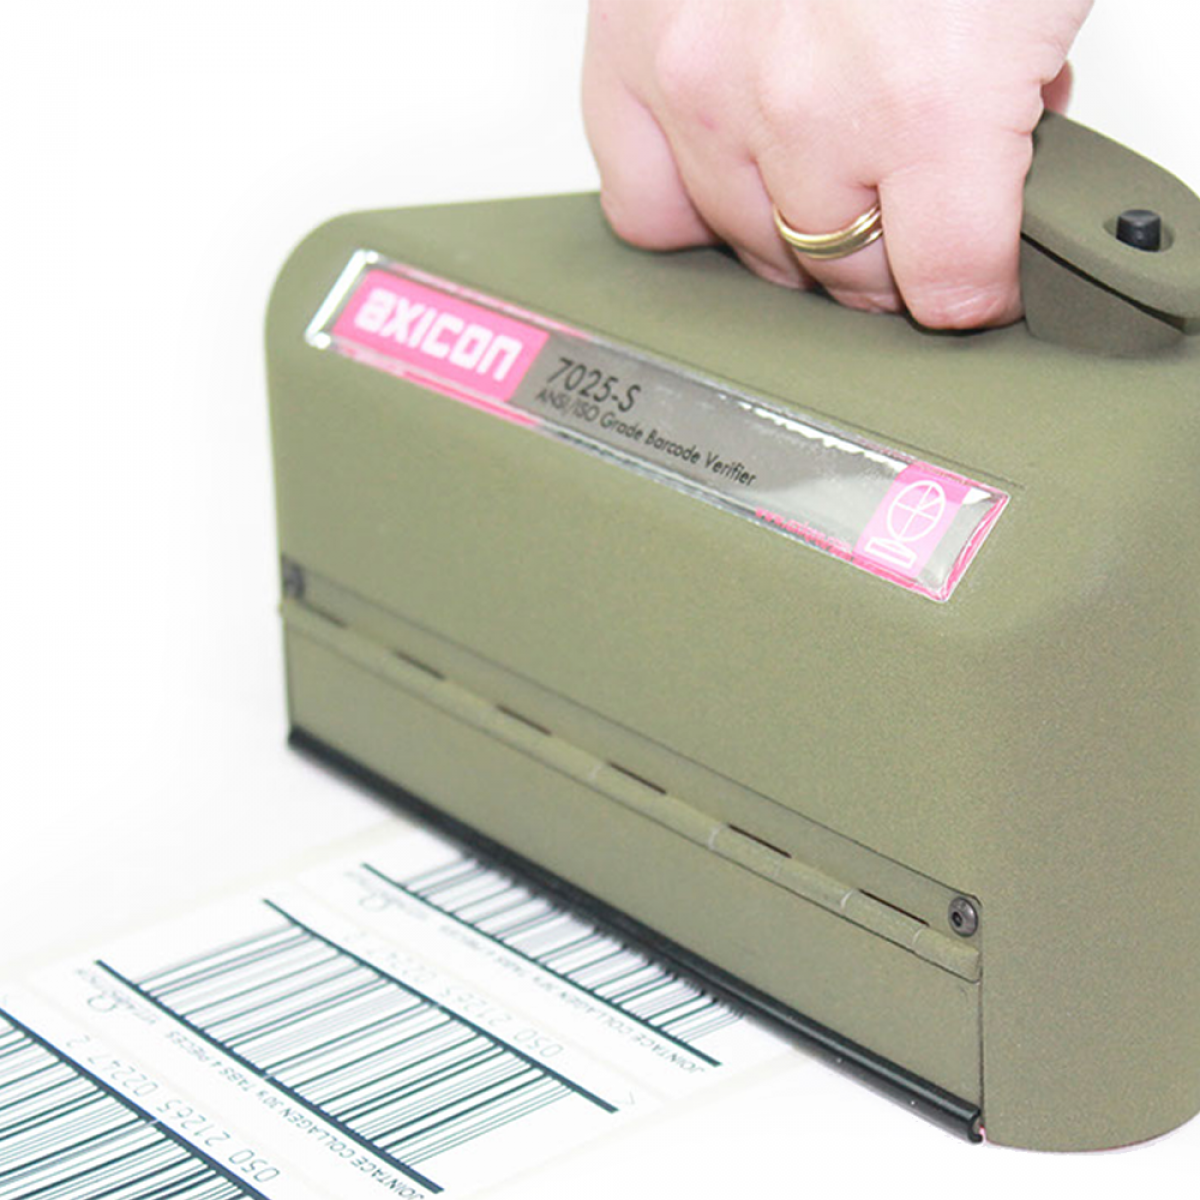 Axicon 7025-S verifier